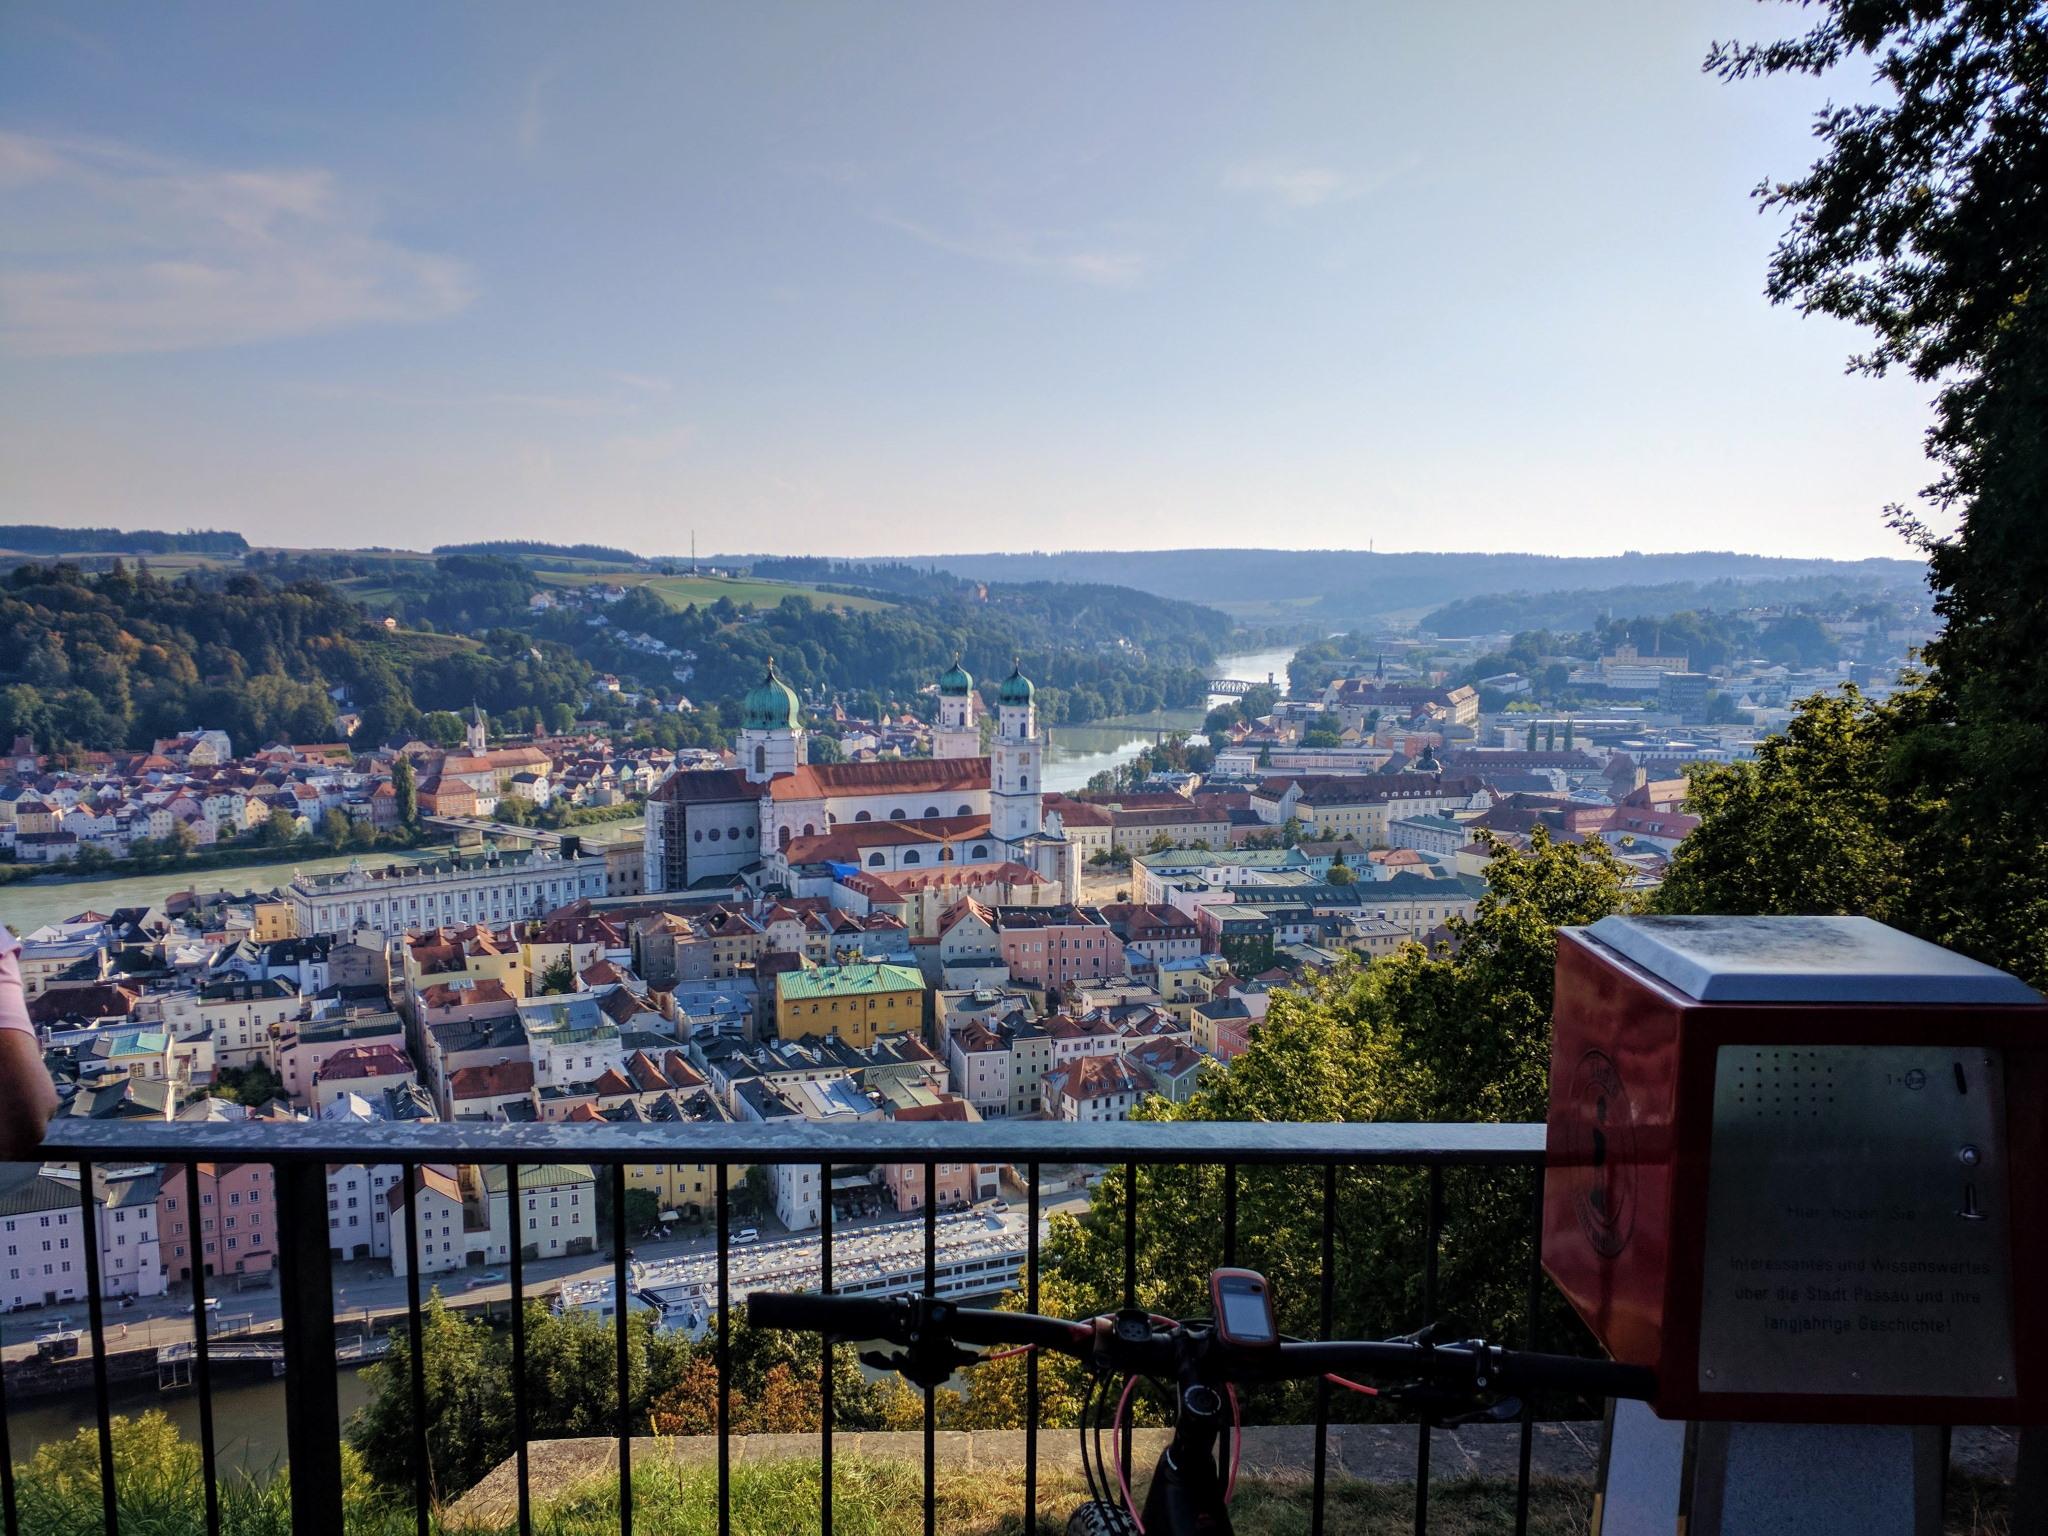 Trans Bayerwald - Blick auf Passau von der Veste Oberhaus